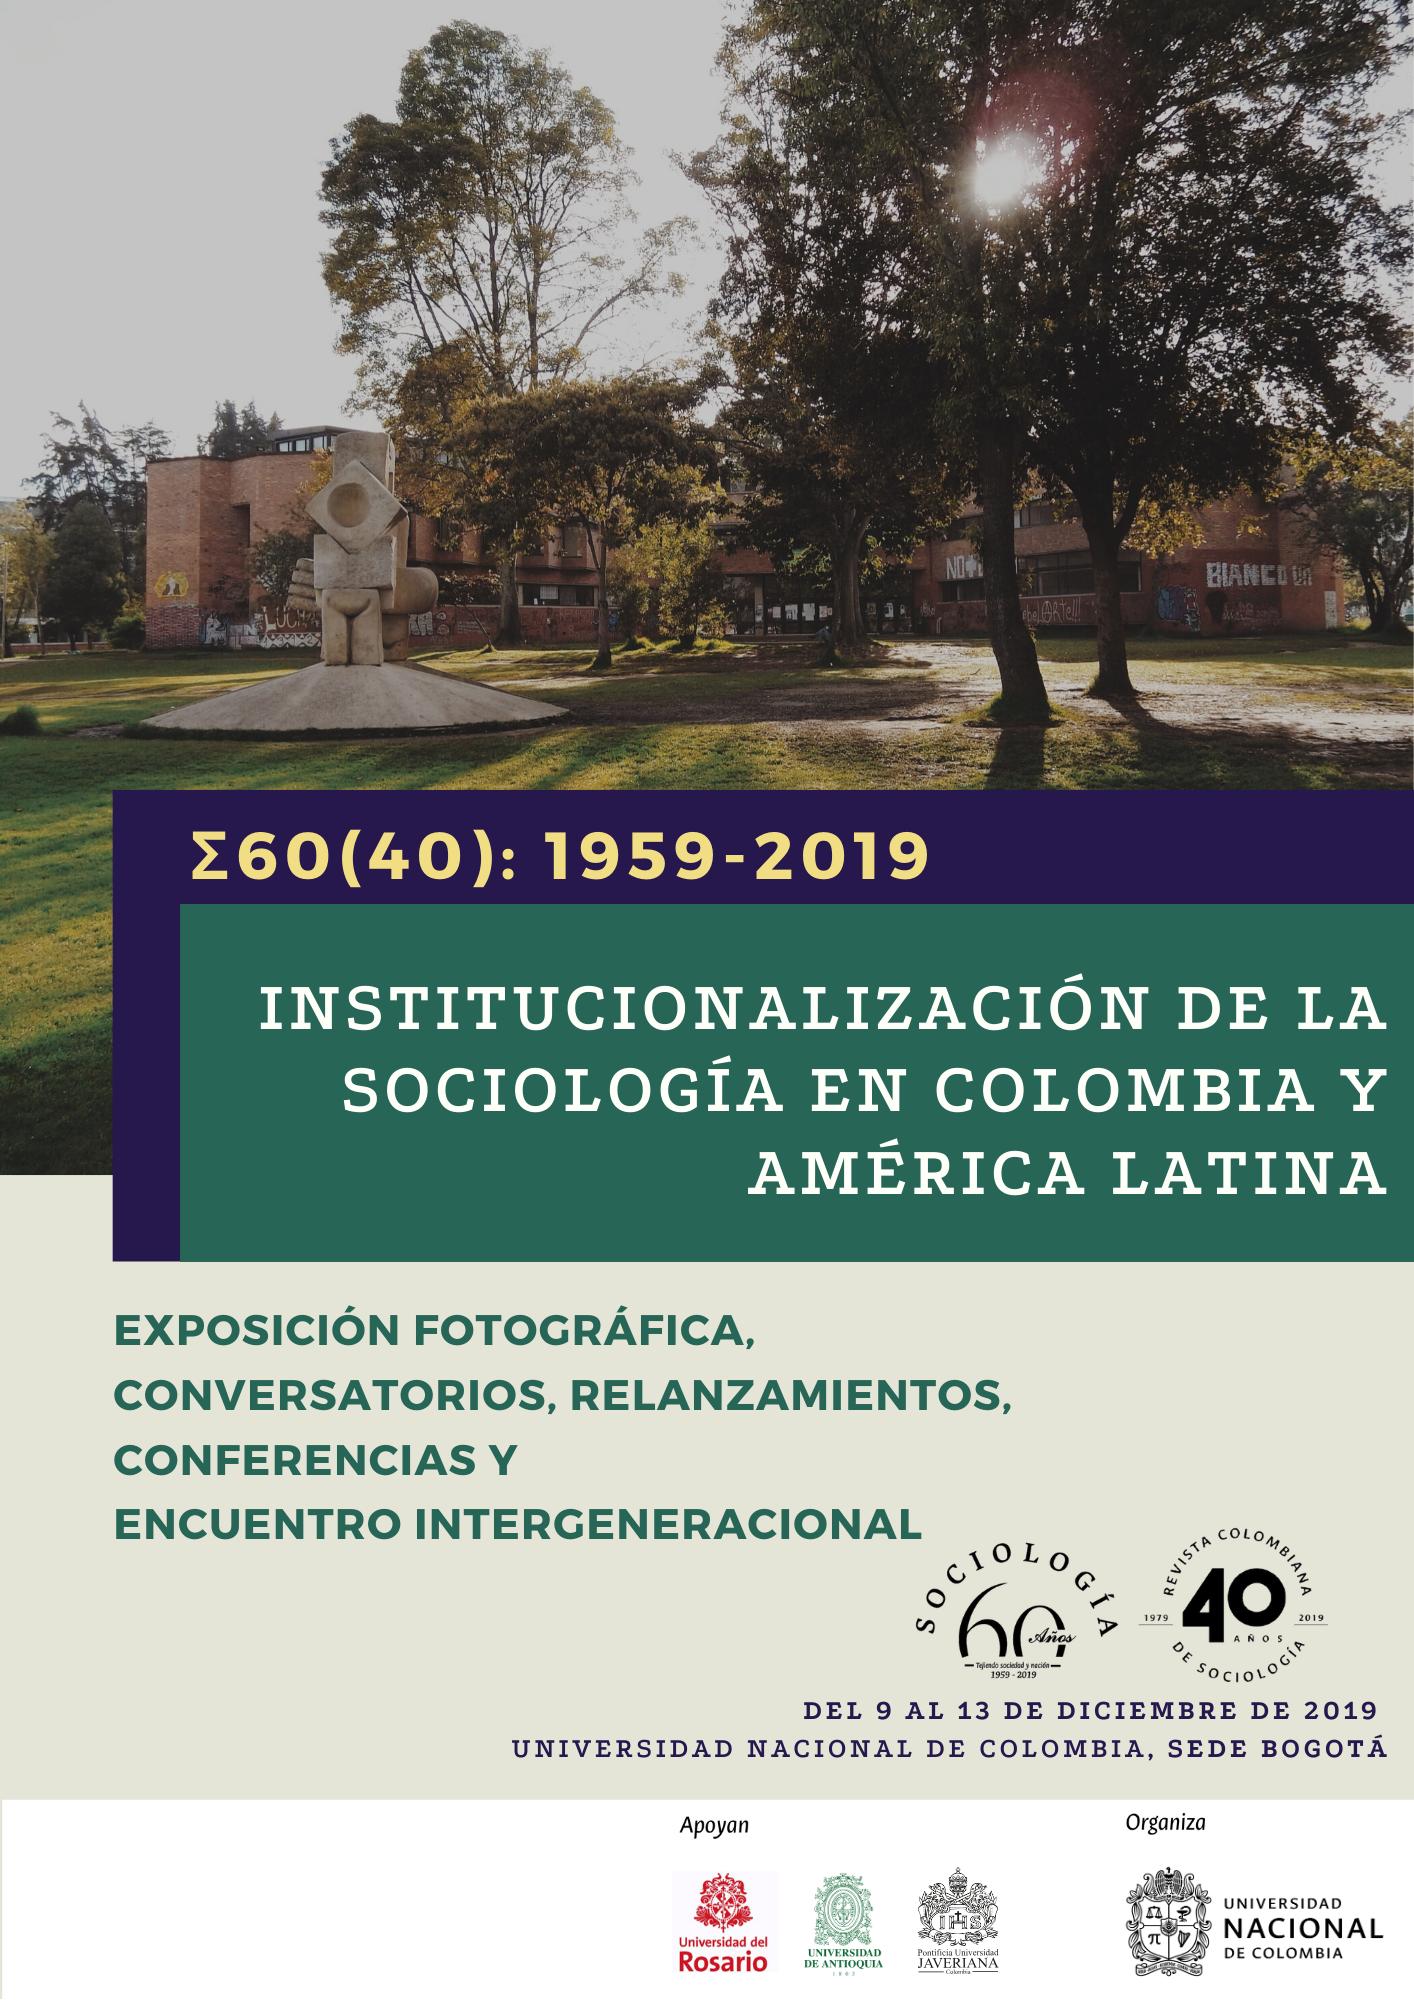 Sociología 60 años